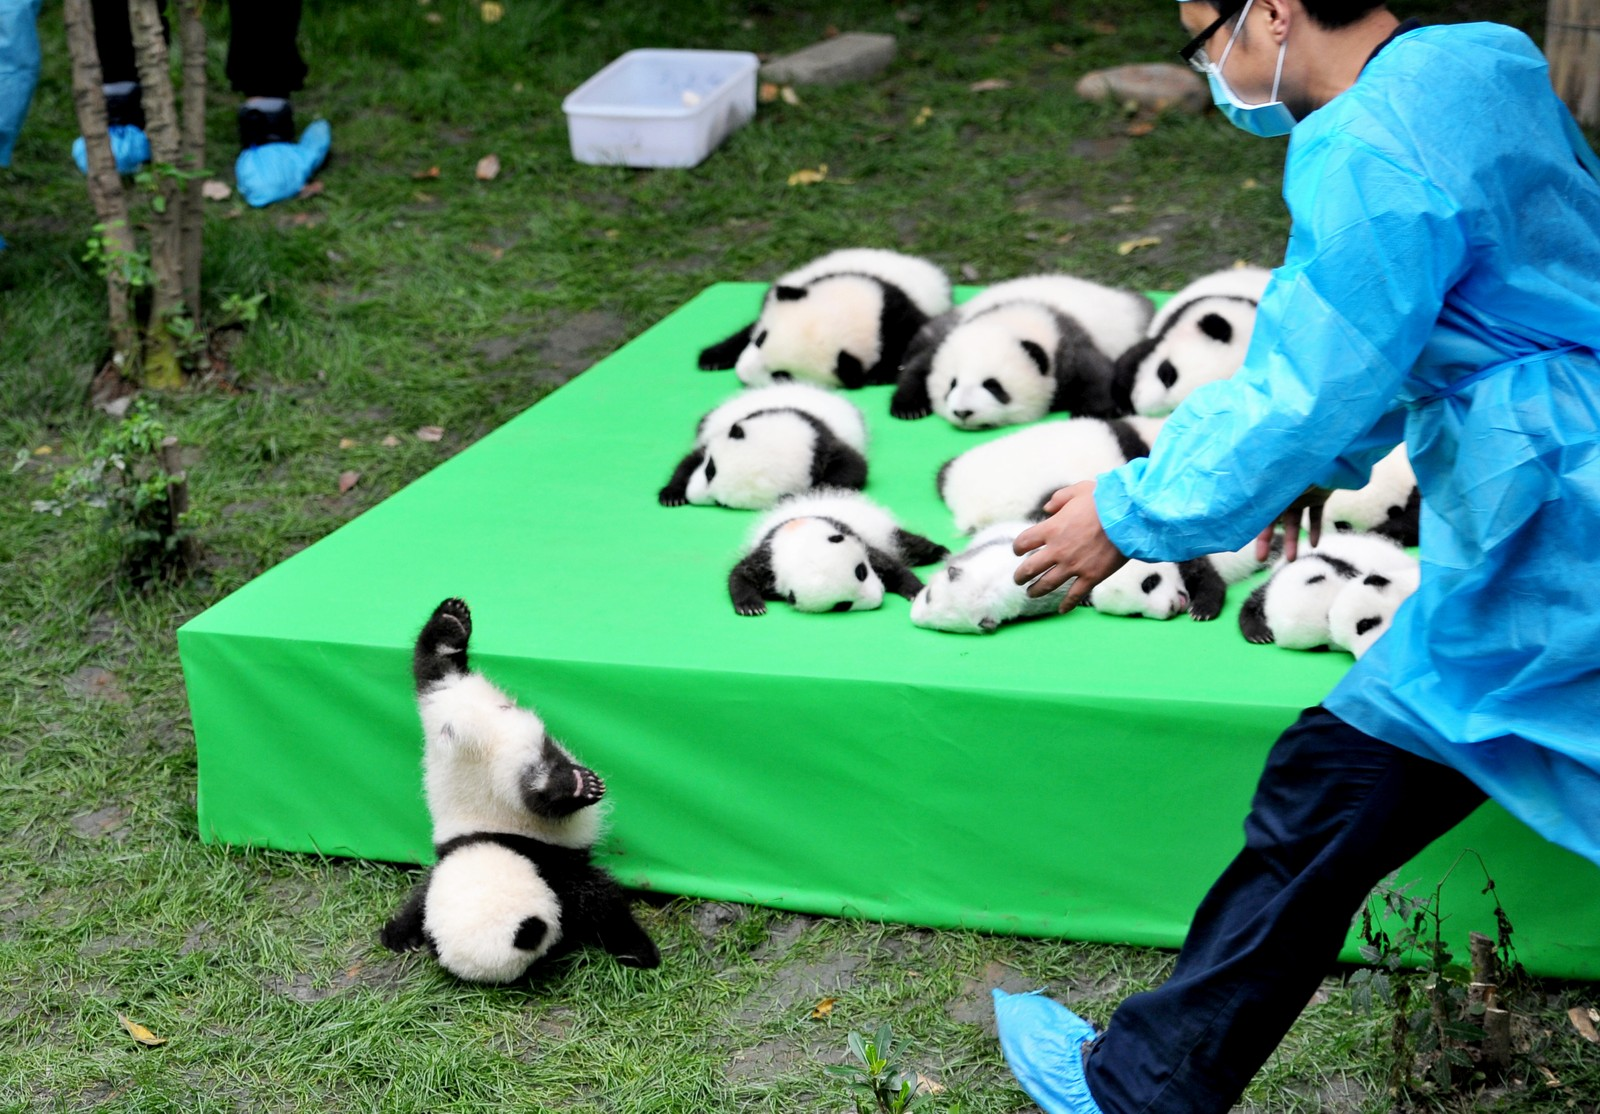 En av de små pandaungene krøp litt for nærme kanten og var uheldig og falt utfor da de 23 kjempepandaungene som er født hittil i år ble vist fram ved forskningsbasen i Chengdu i Kina torsdag denne uken. Heldigvis gikk det bra med pandaungen.